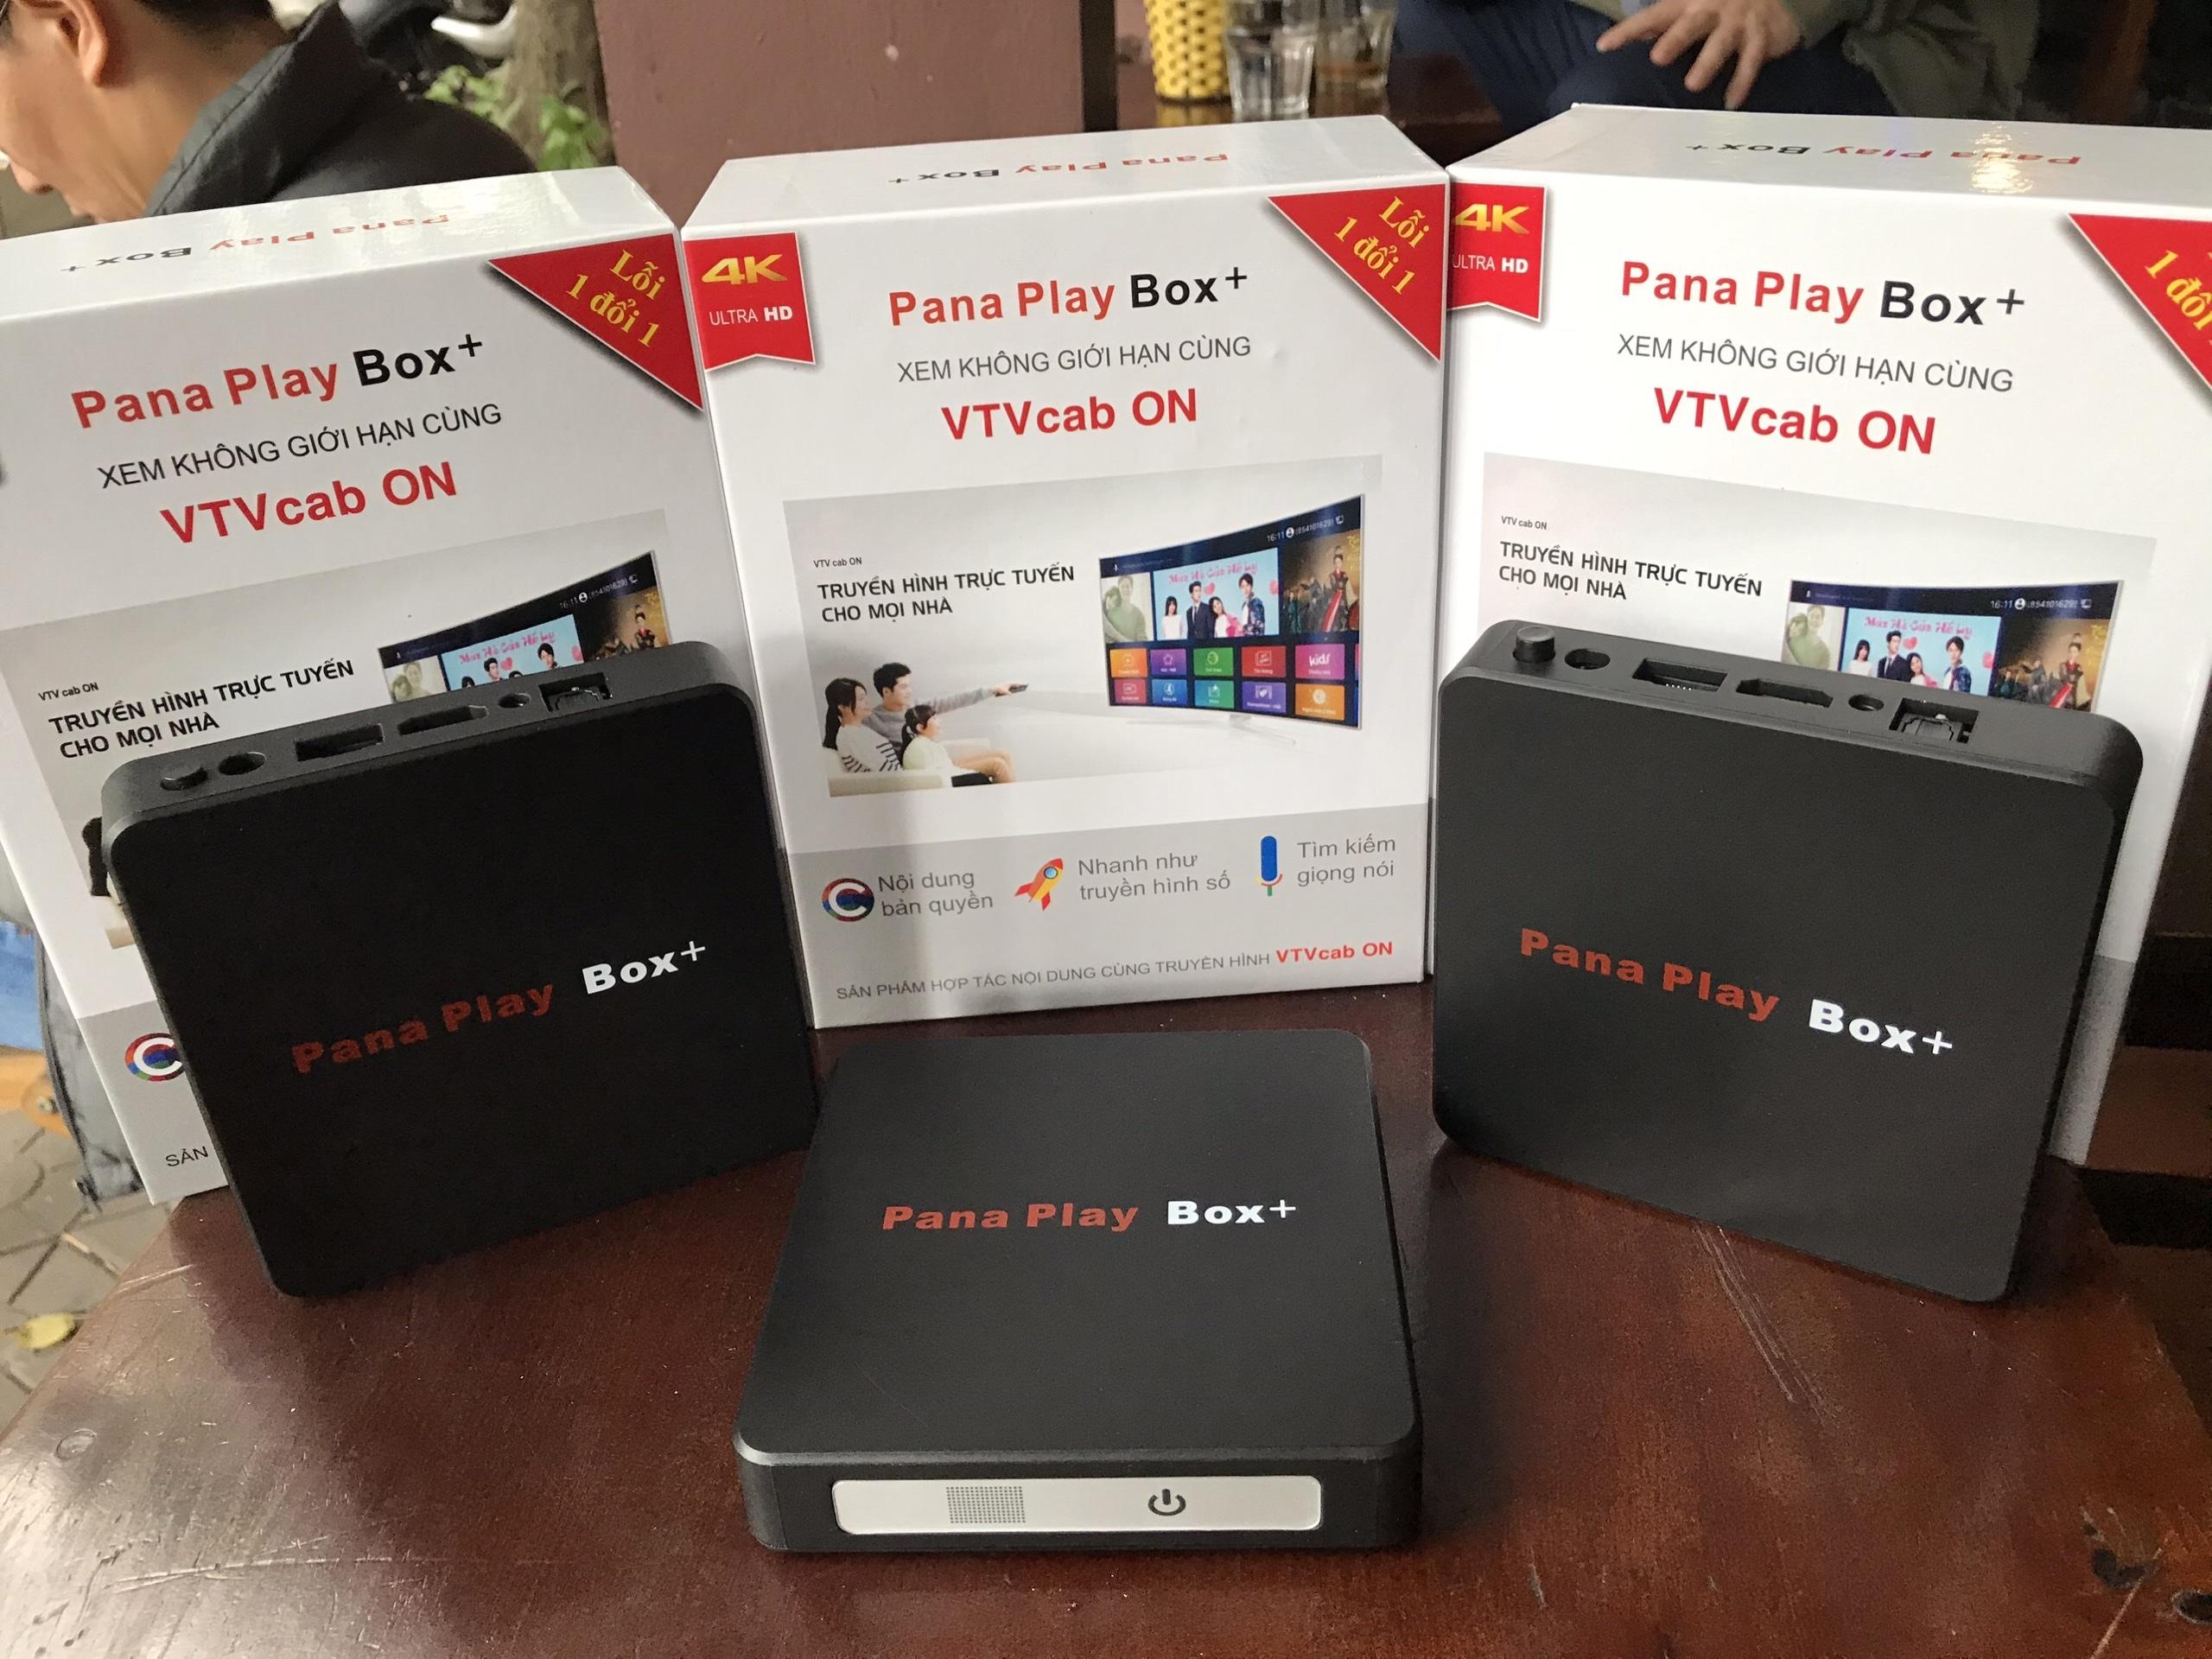 Android tivi Box Pana Play Box+ hàng chính hãng